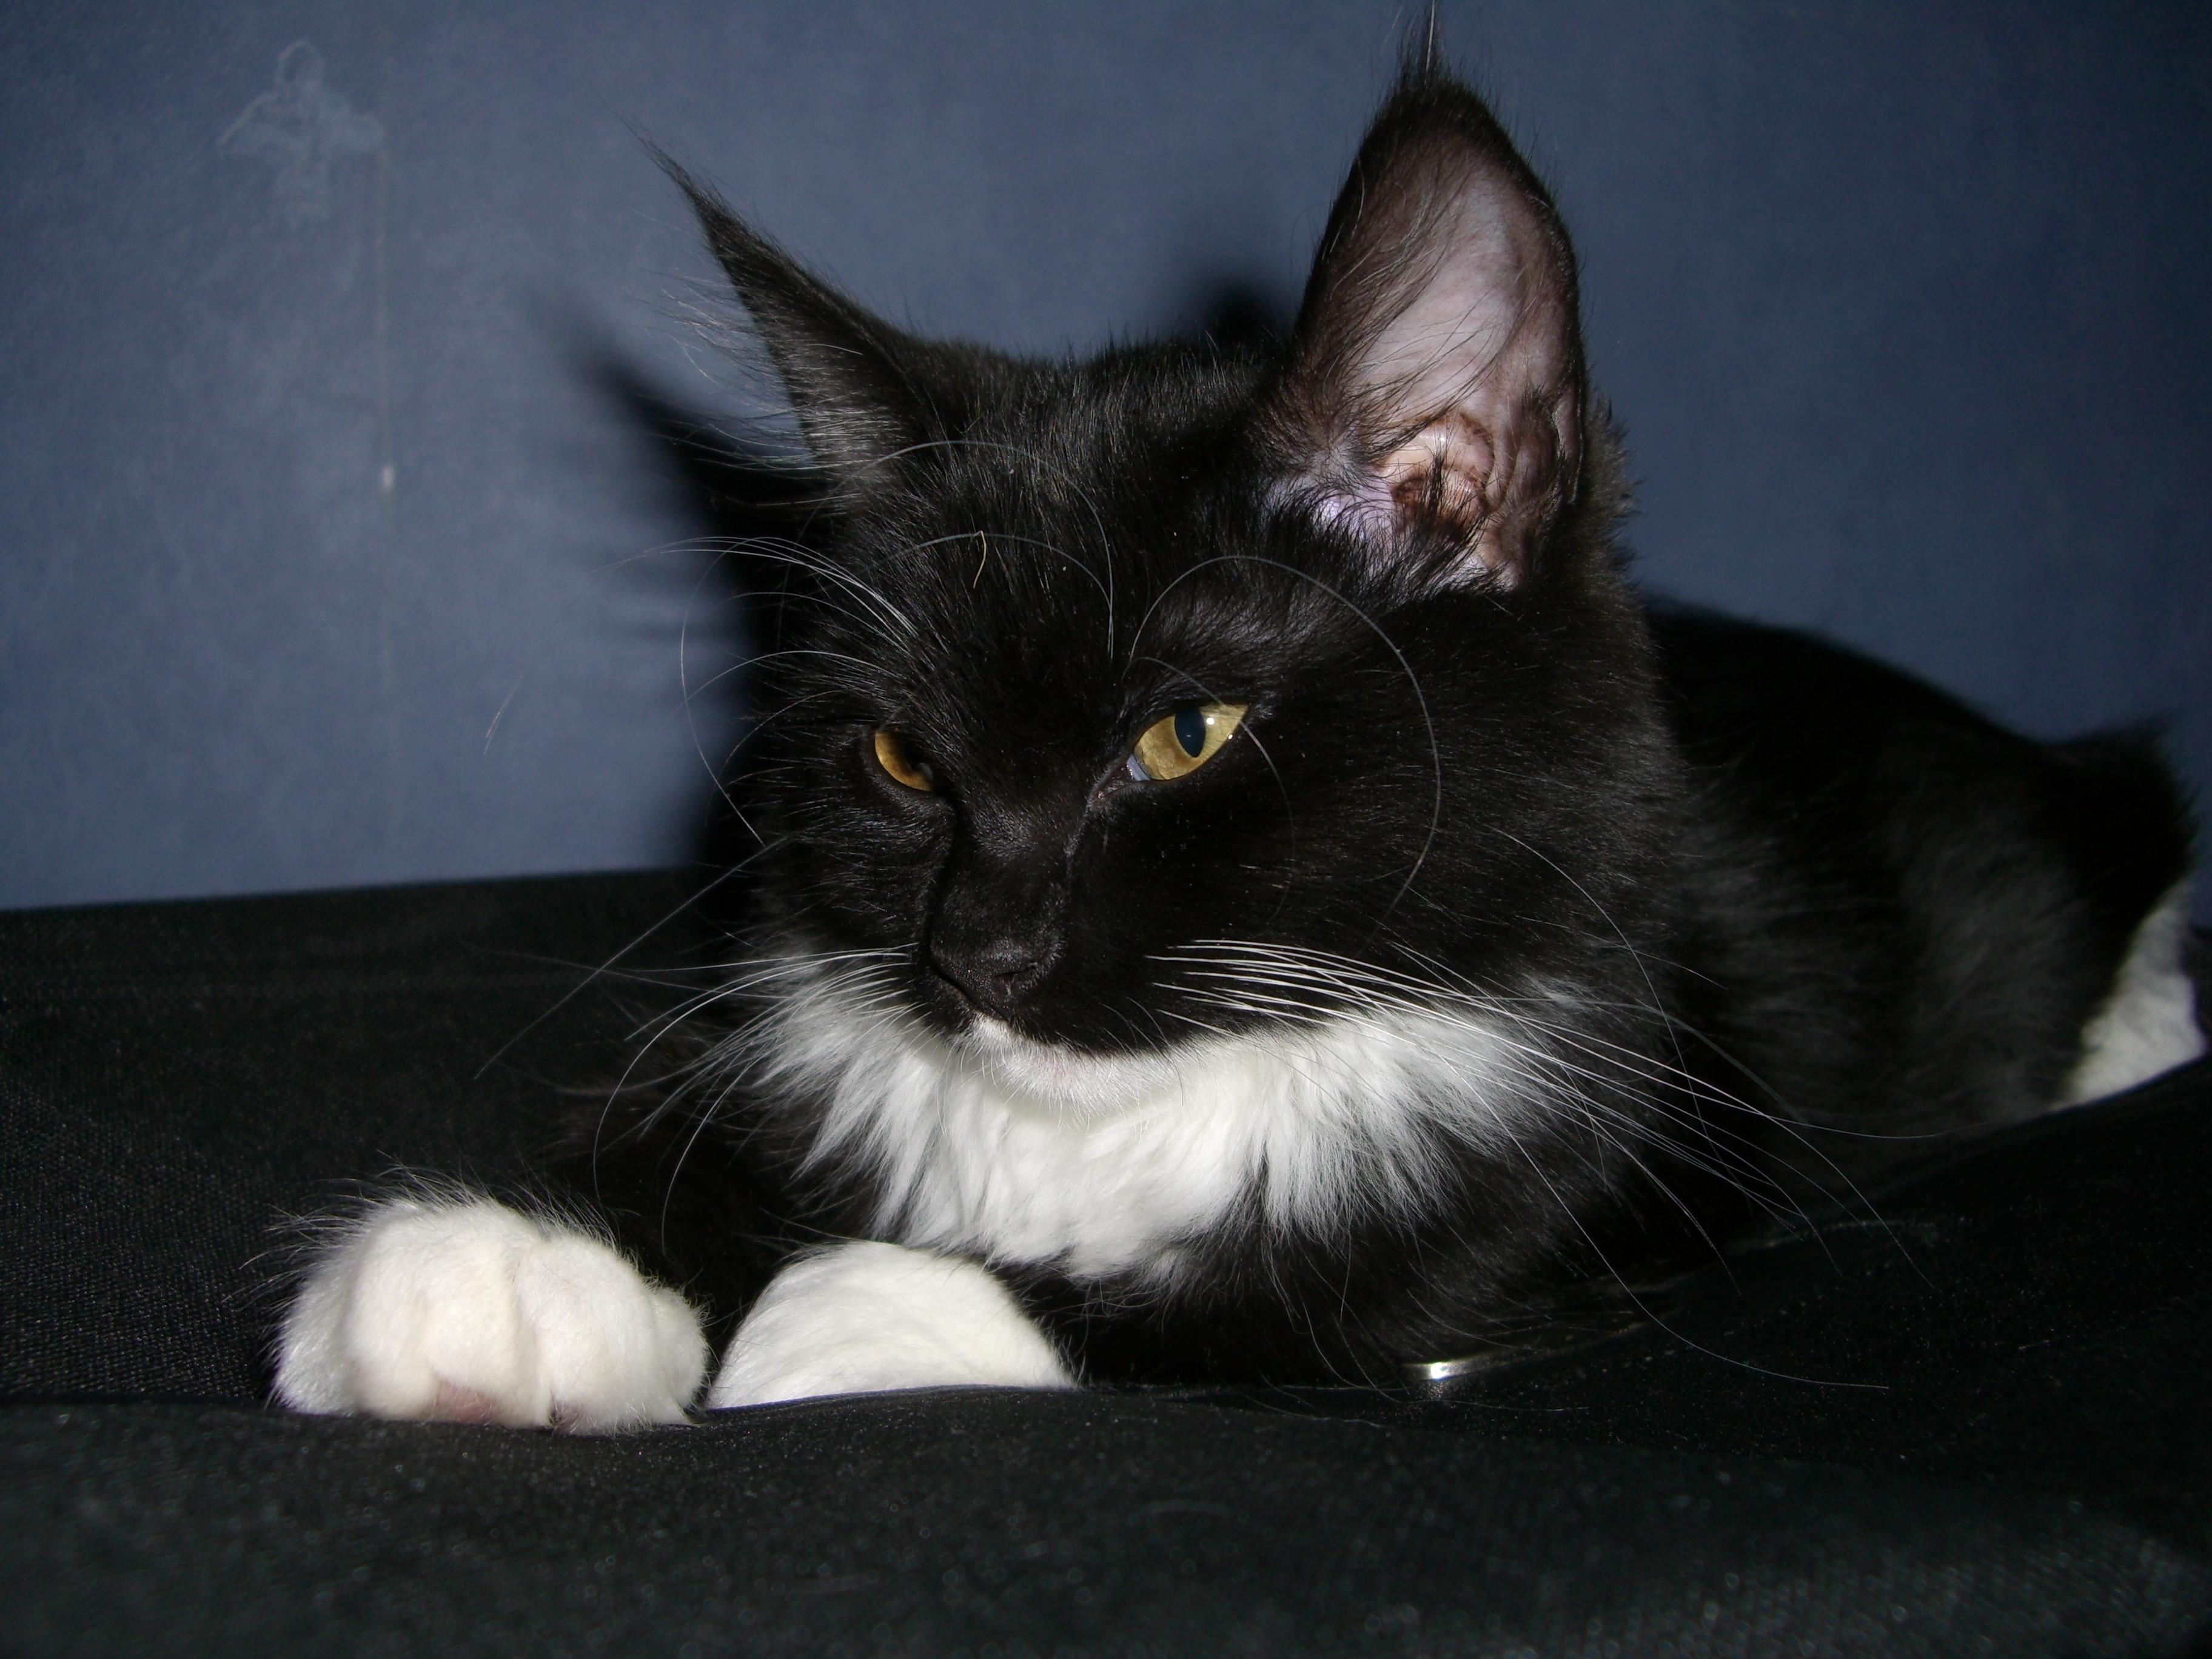 Gato Preto e Branco Raça Gato Preto e Branco da Raça